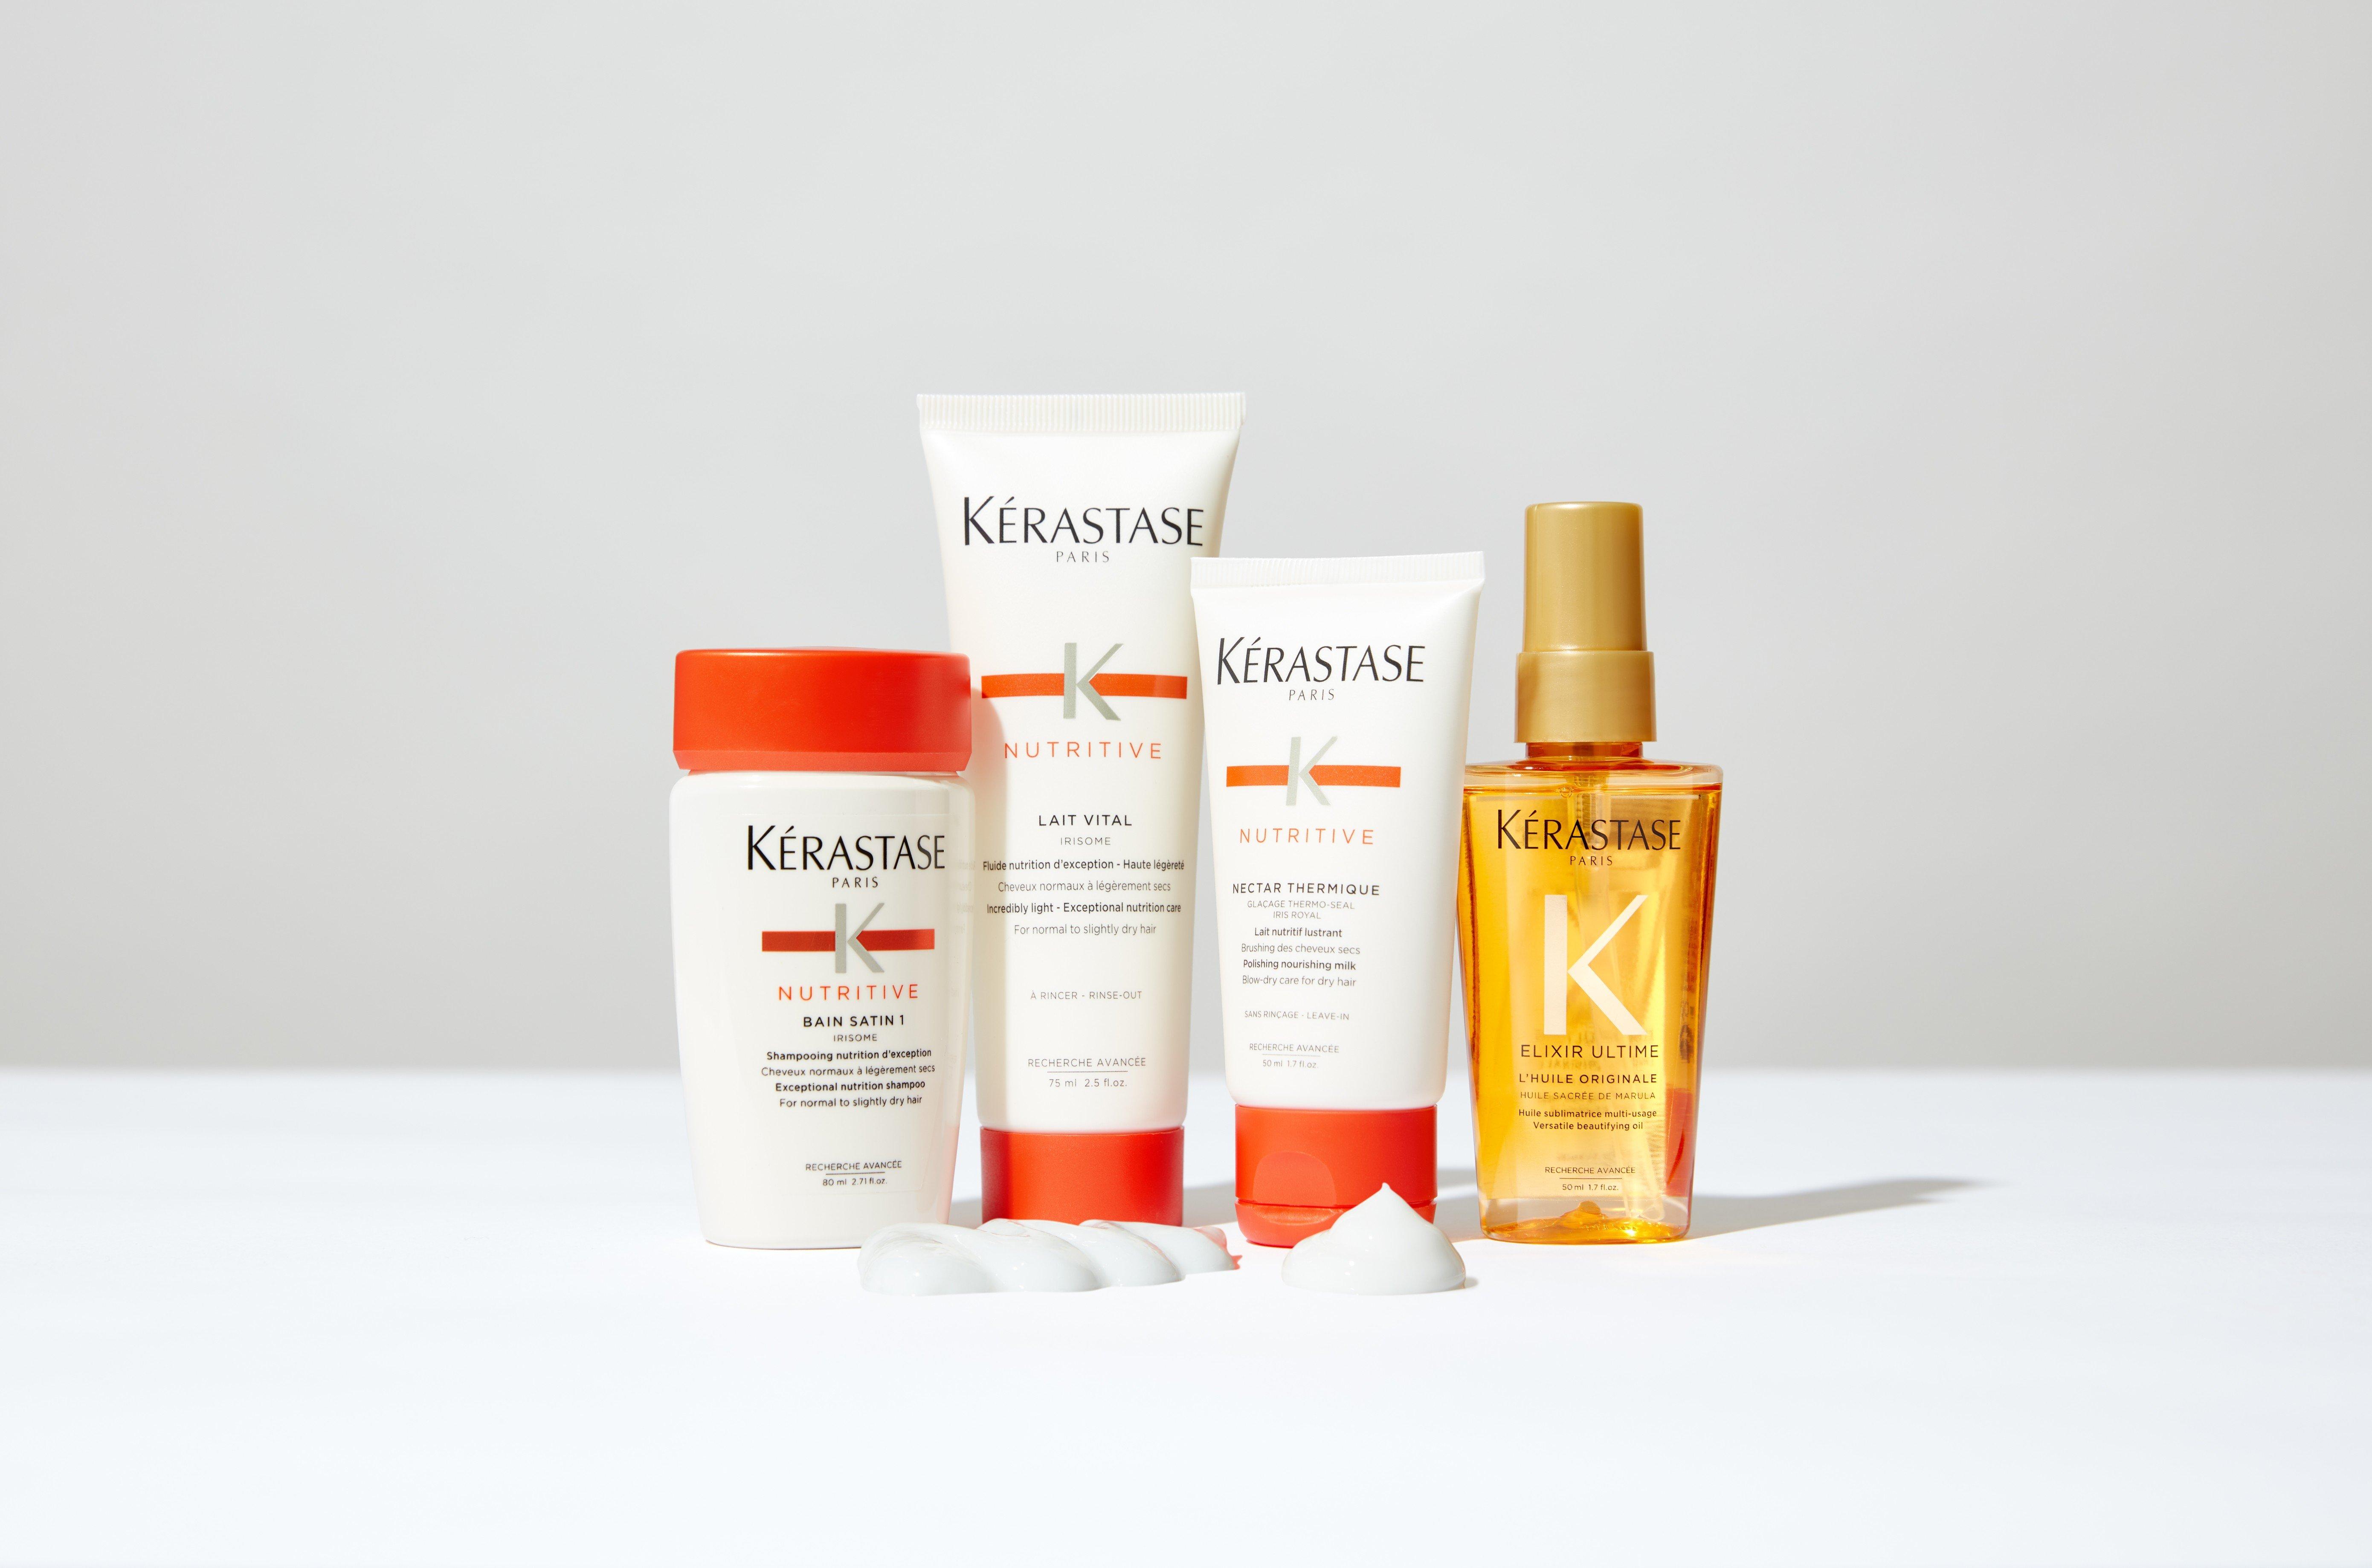 Kérastase beauty box